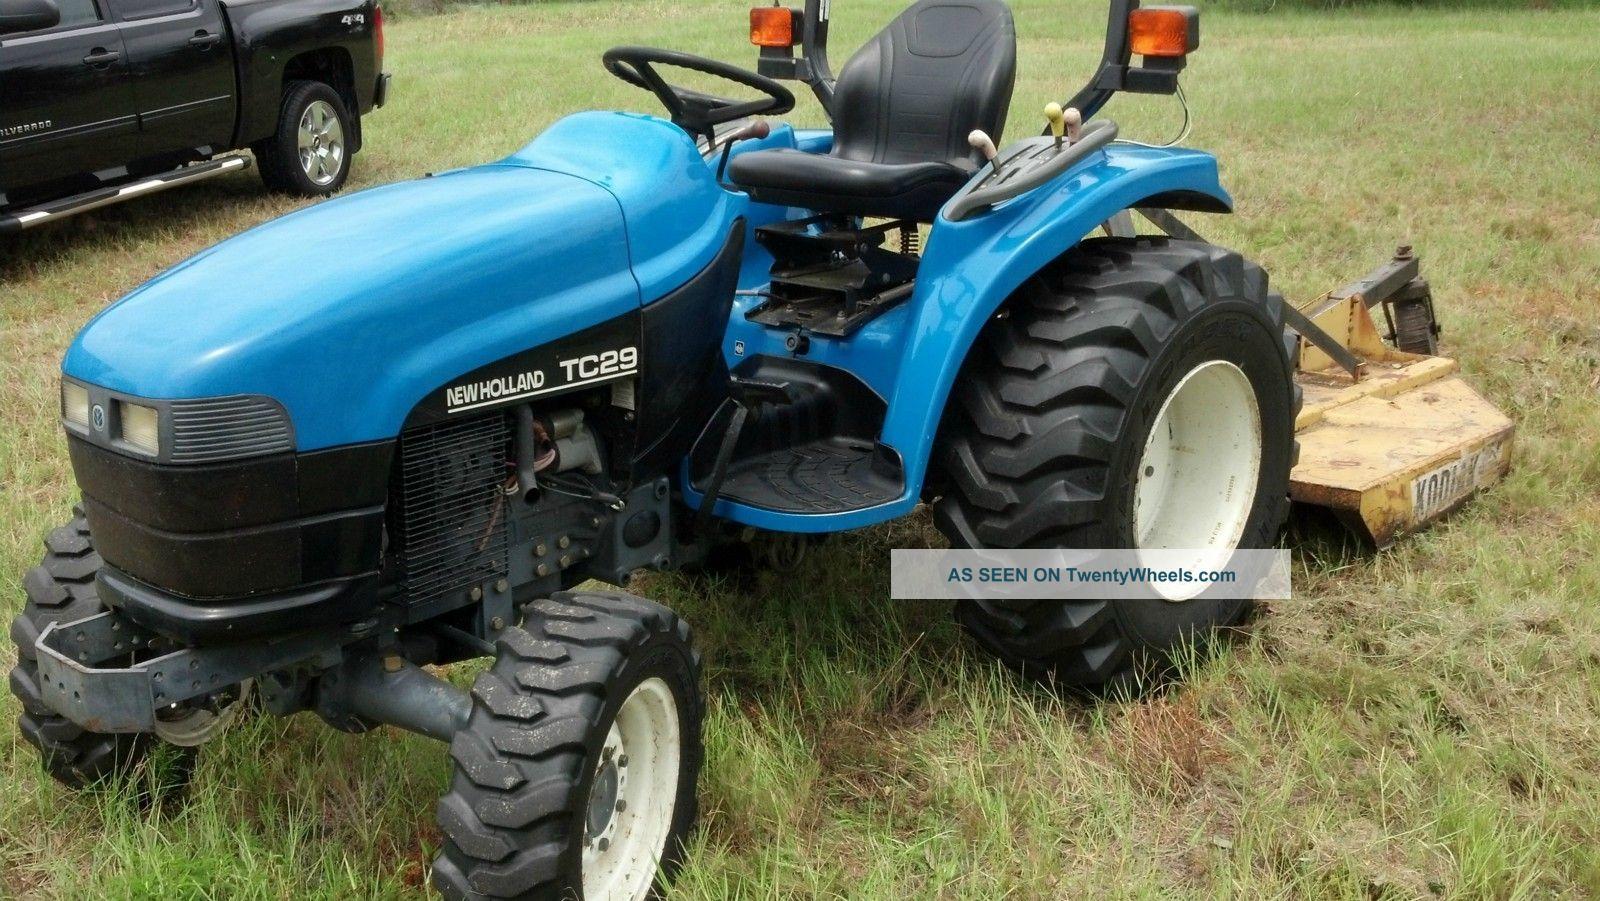 2001 holland tc29 diesel tractor w bush hog. Black Bedroom Furniture Sets. Home Design Ideas